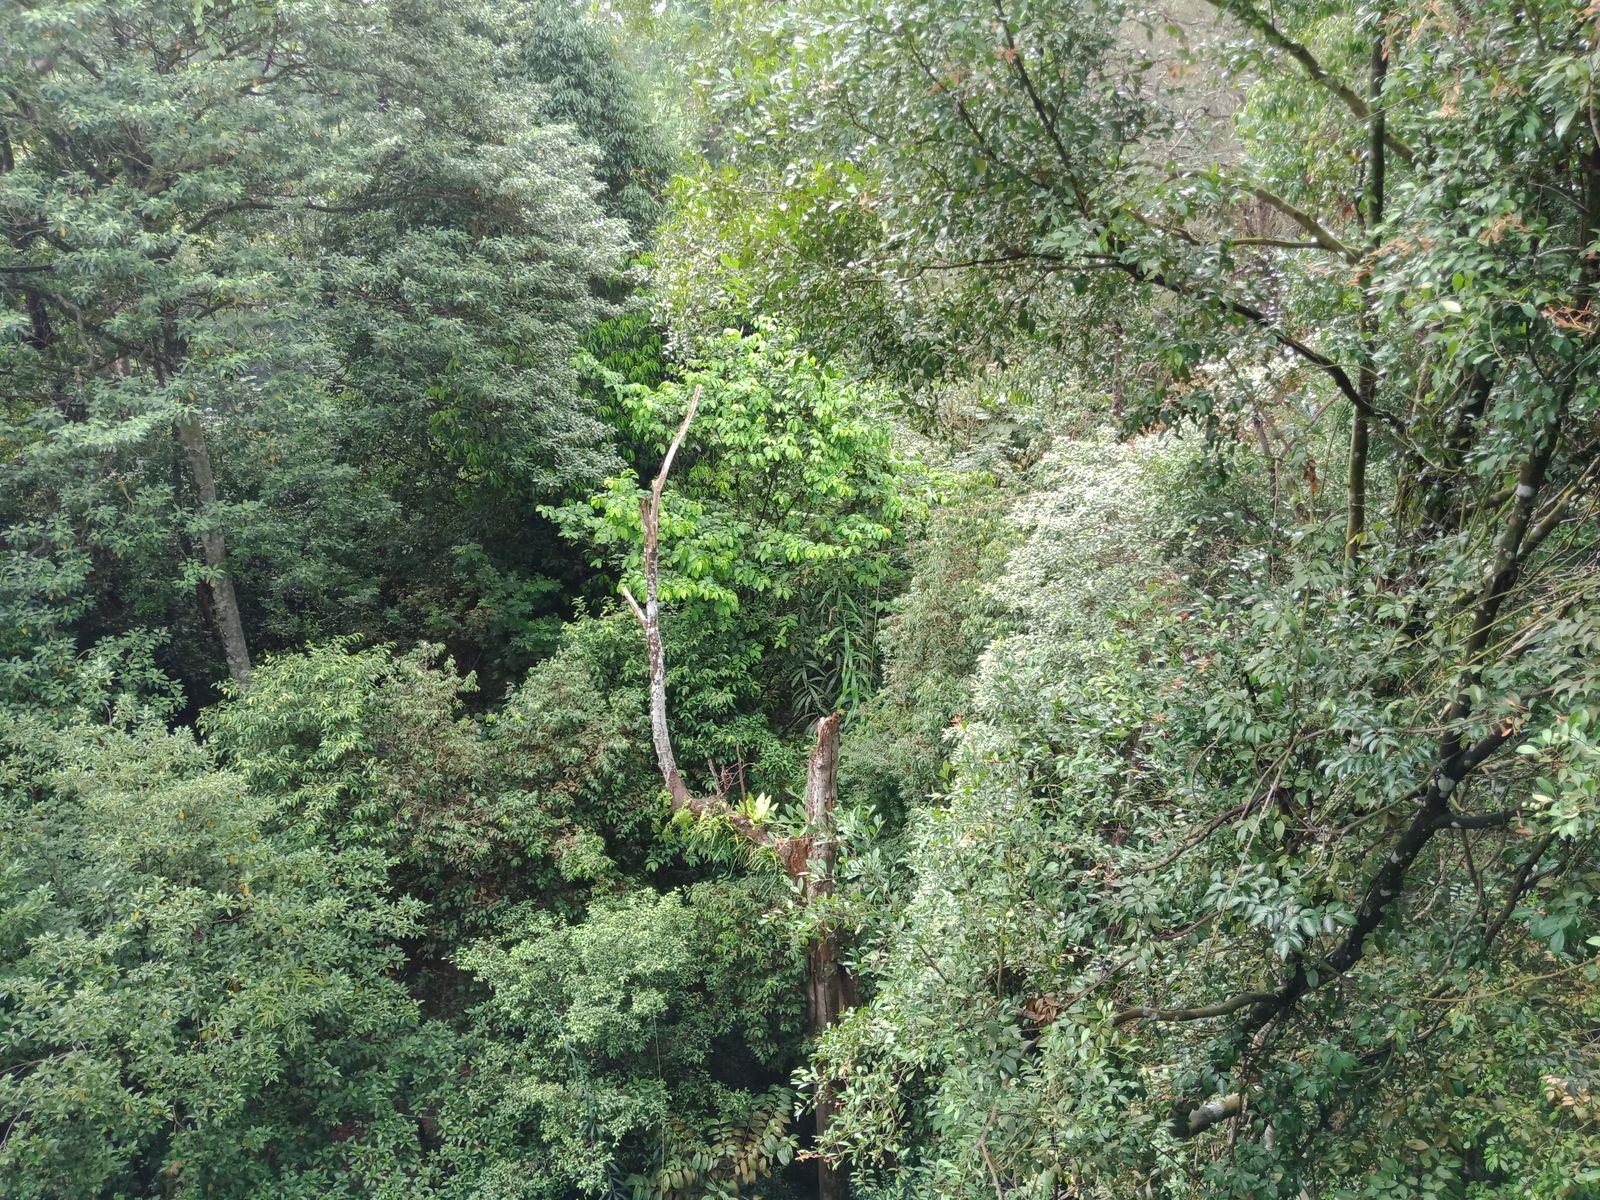 เราเดินอยู่บนยอดไม้ (TreeTop Walk)  จริงๆ